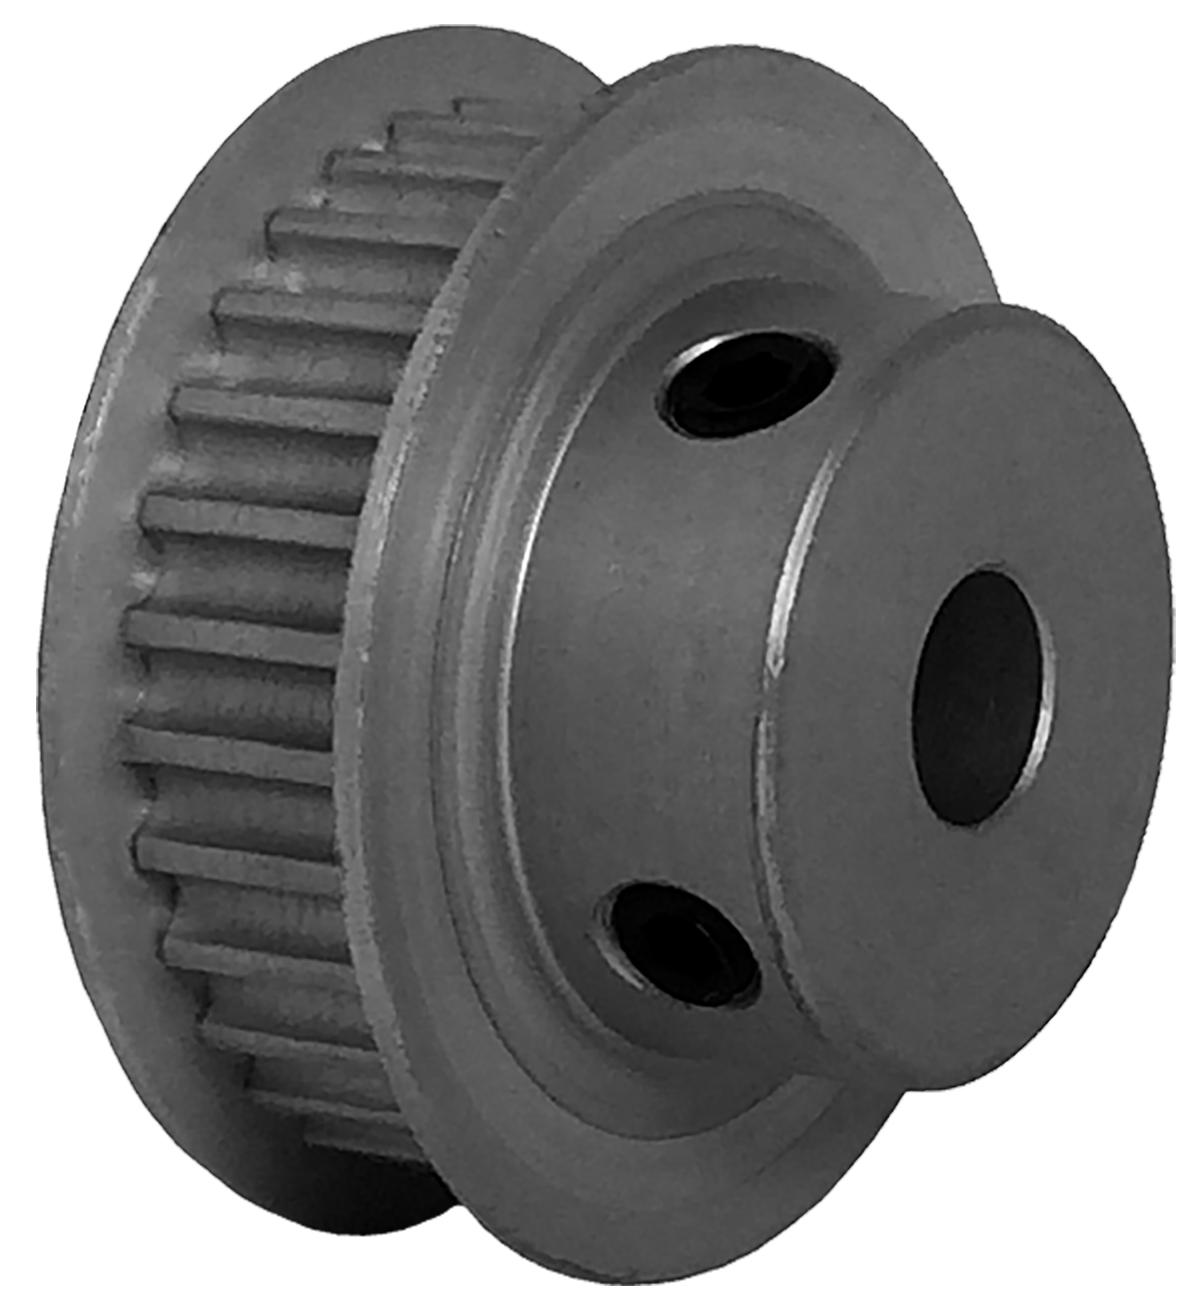 30-3P06-6FA3 - Aluminum Powerhouse® Pulleys